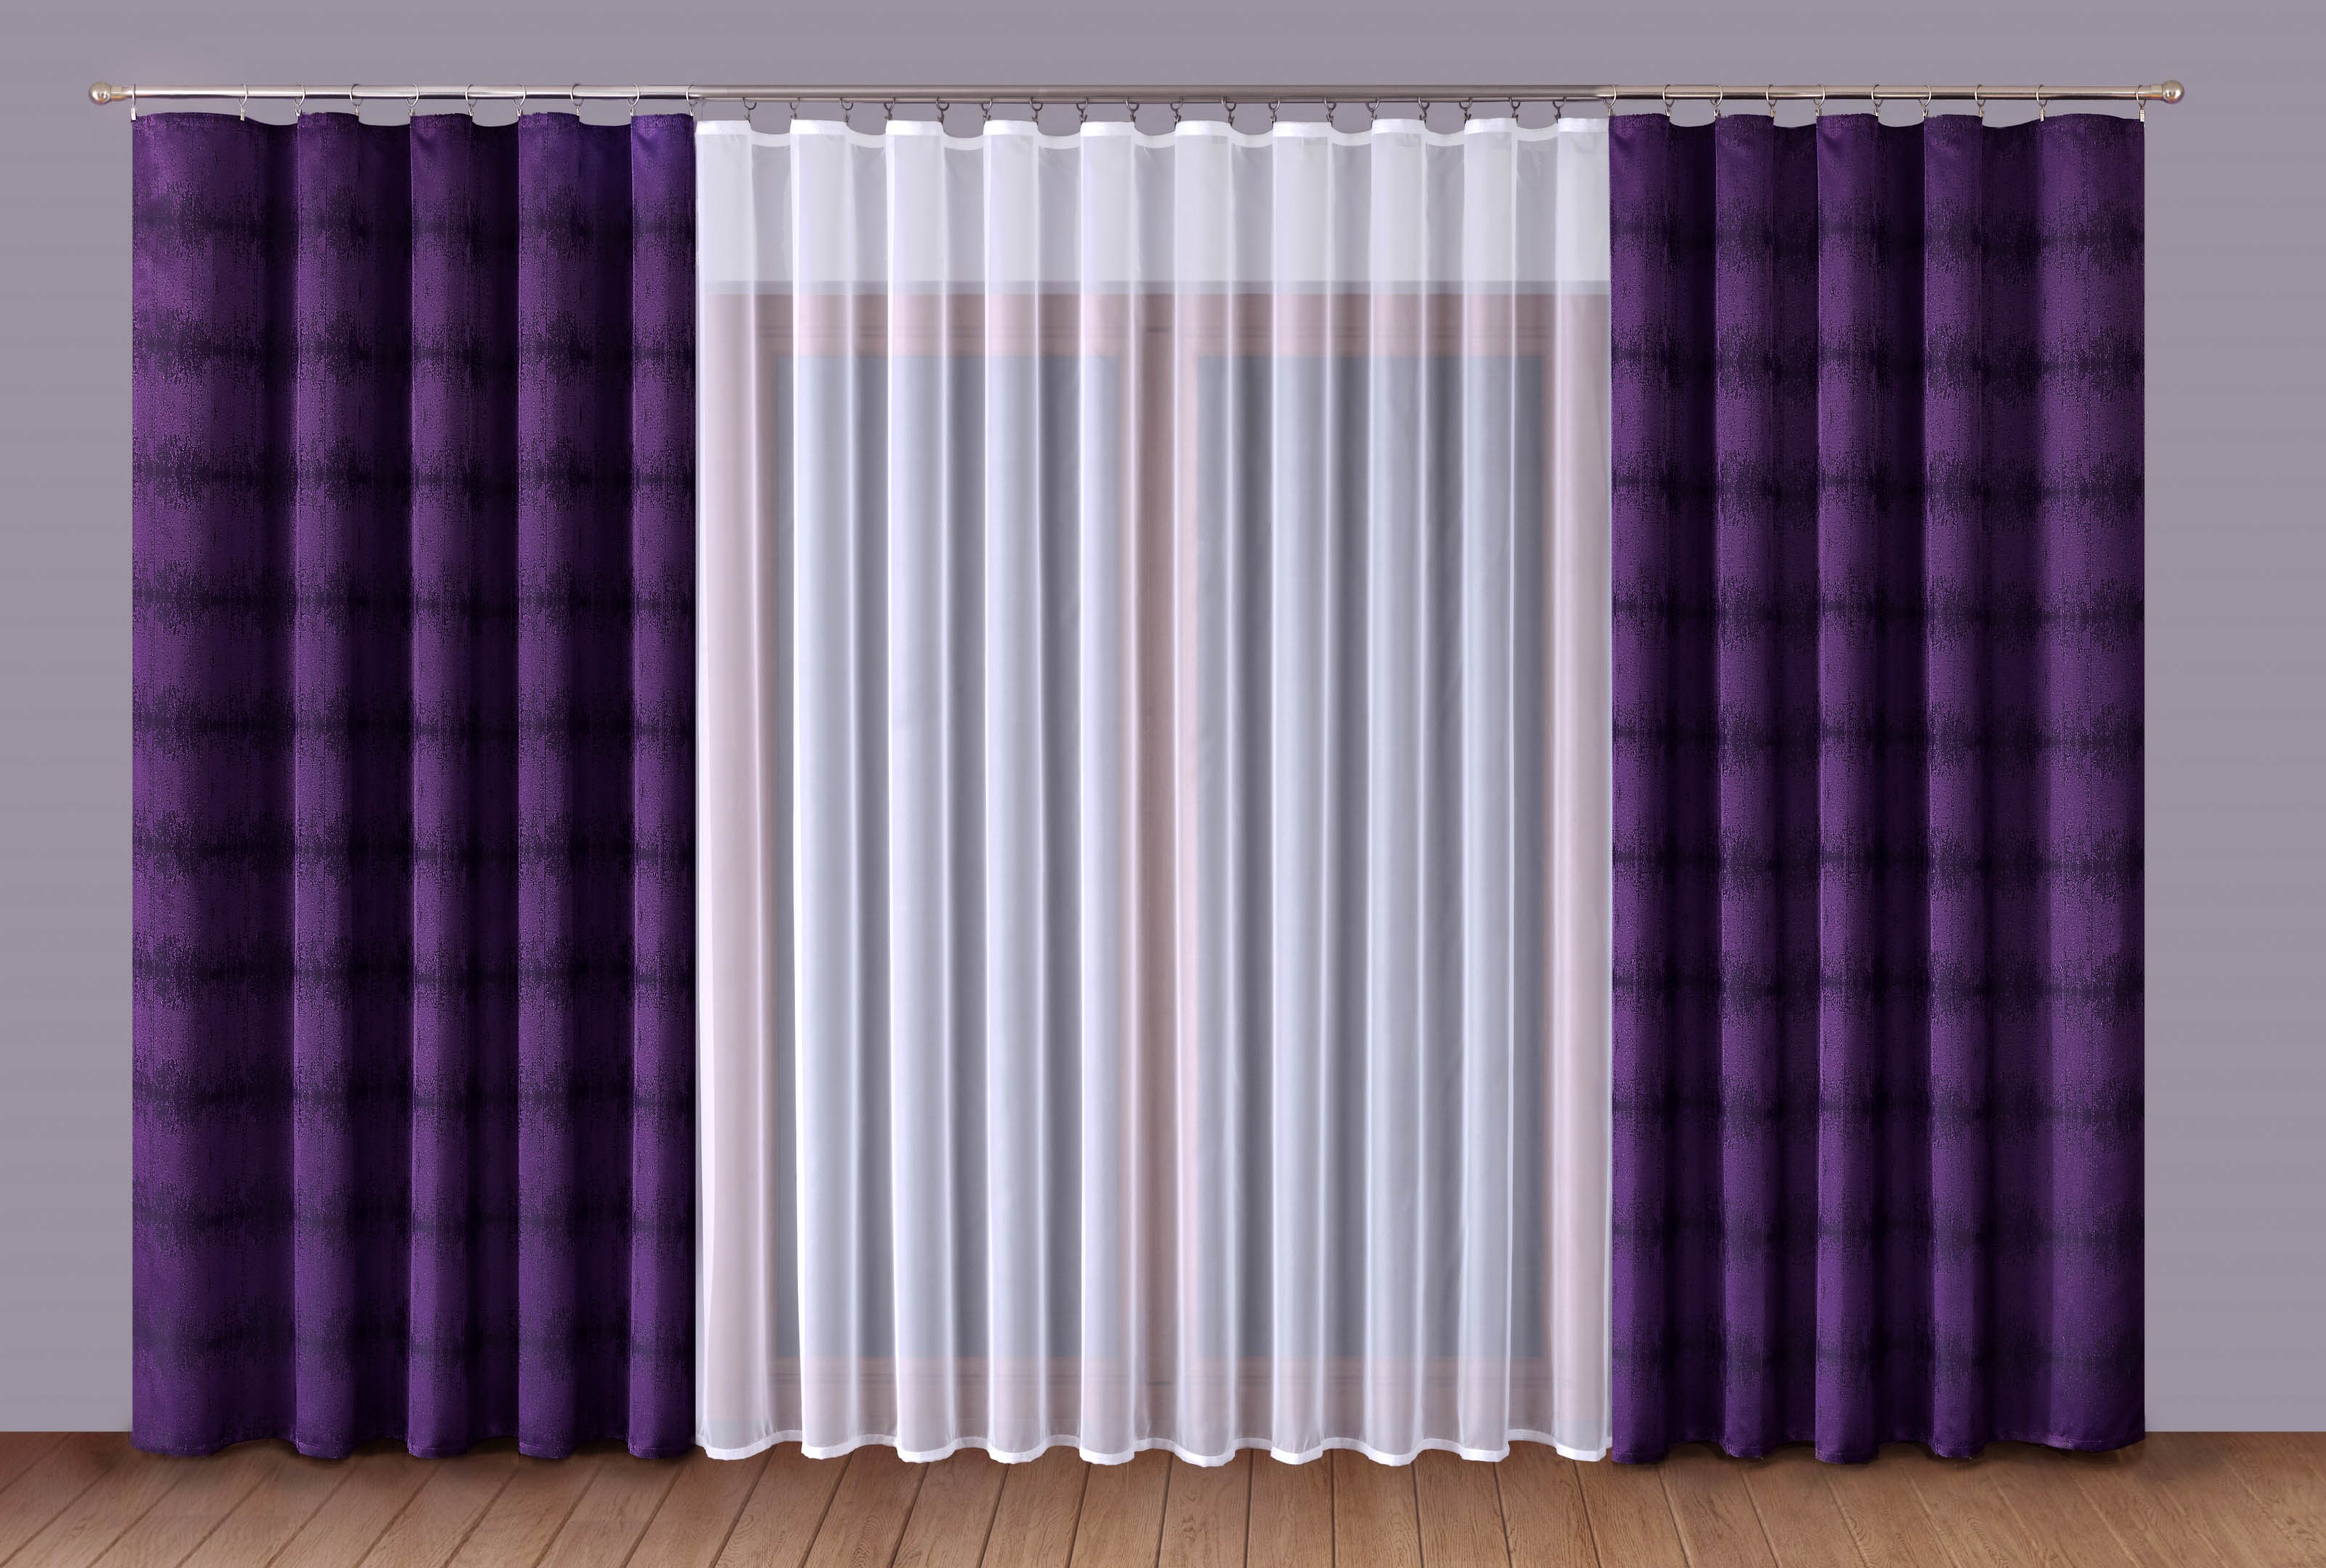 Шторы Primavera Классические шторы Caroline Цвет: Сиреневый-Белый шторы primavera классические шторы maev цвет персиковый